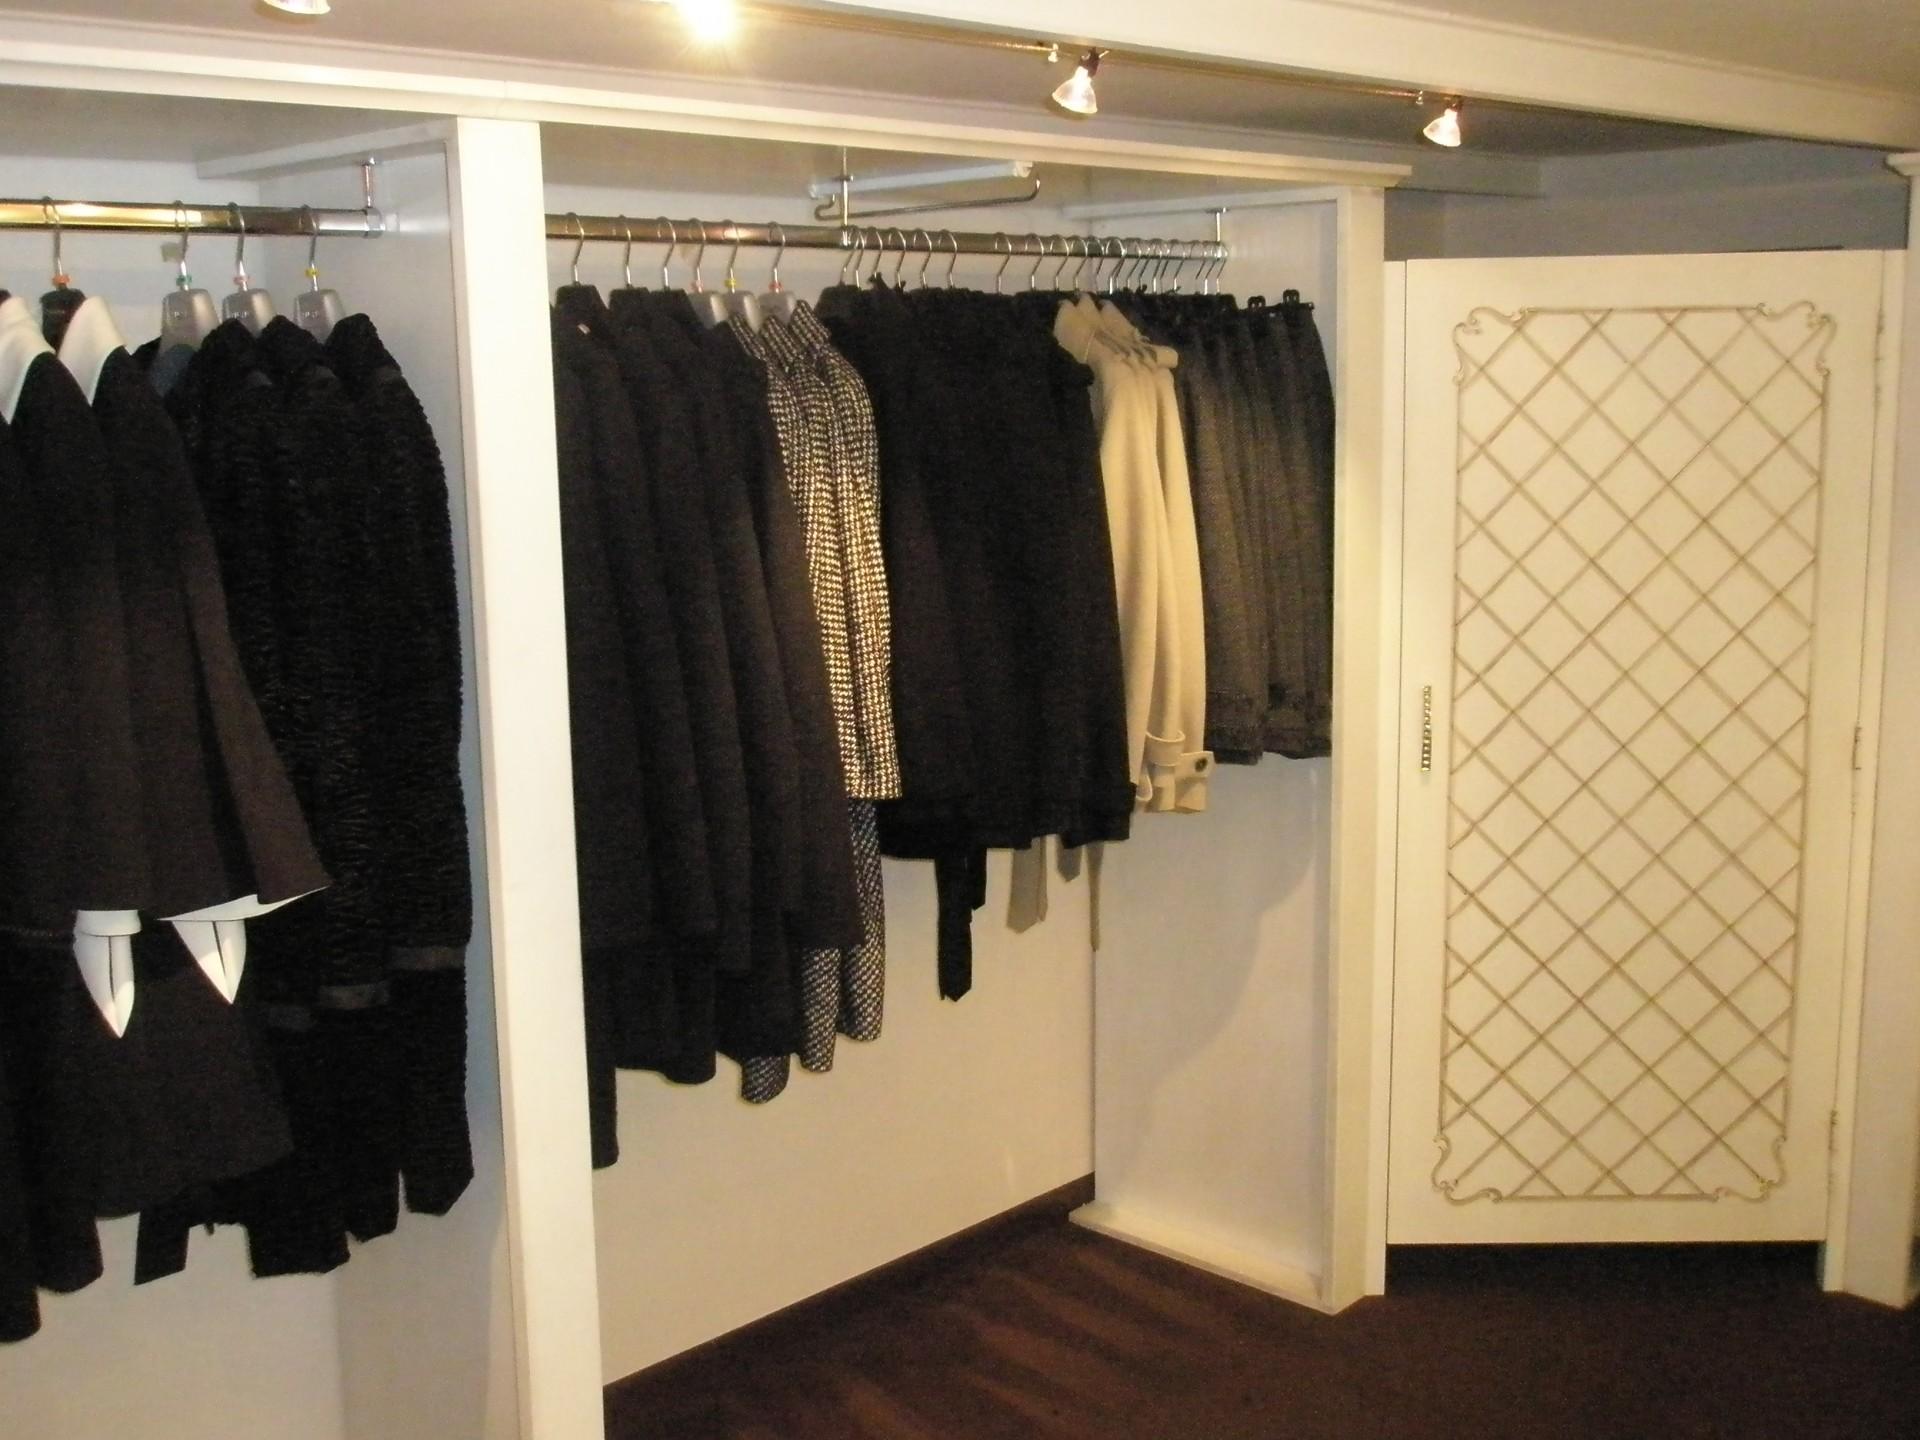 Arredamento per negozio di abbigliamento fadini mobili for Negozi mobili milano